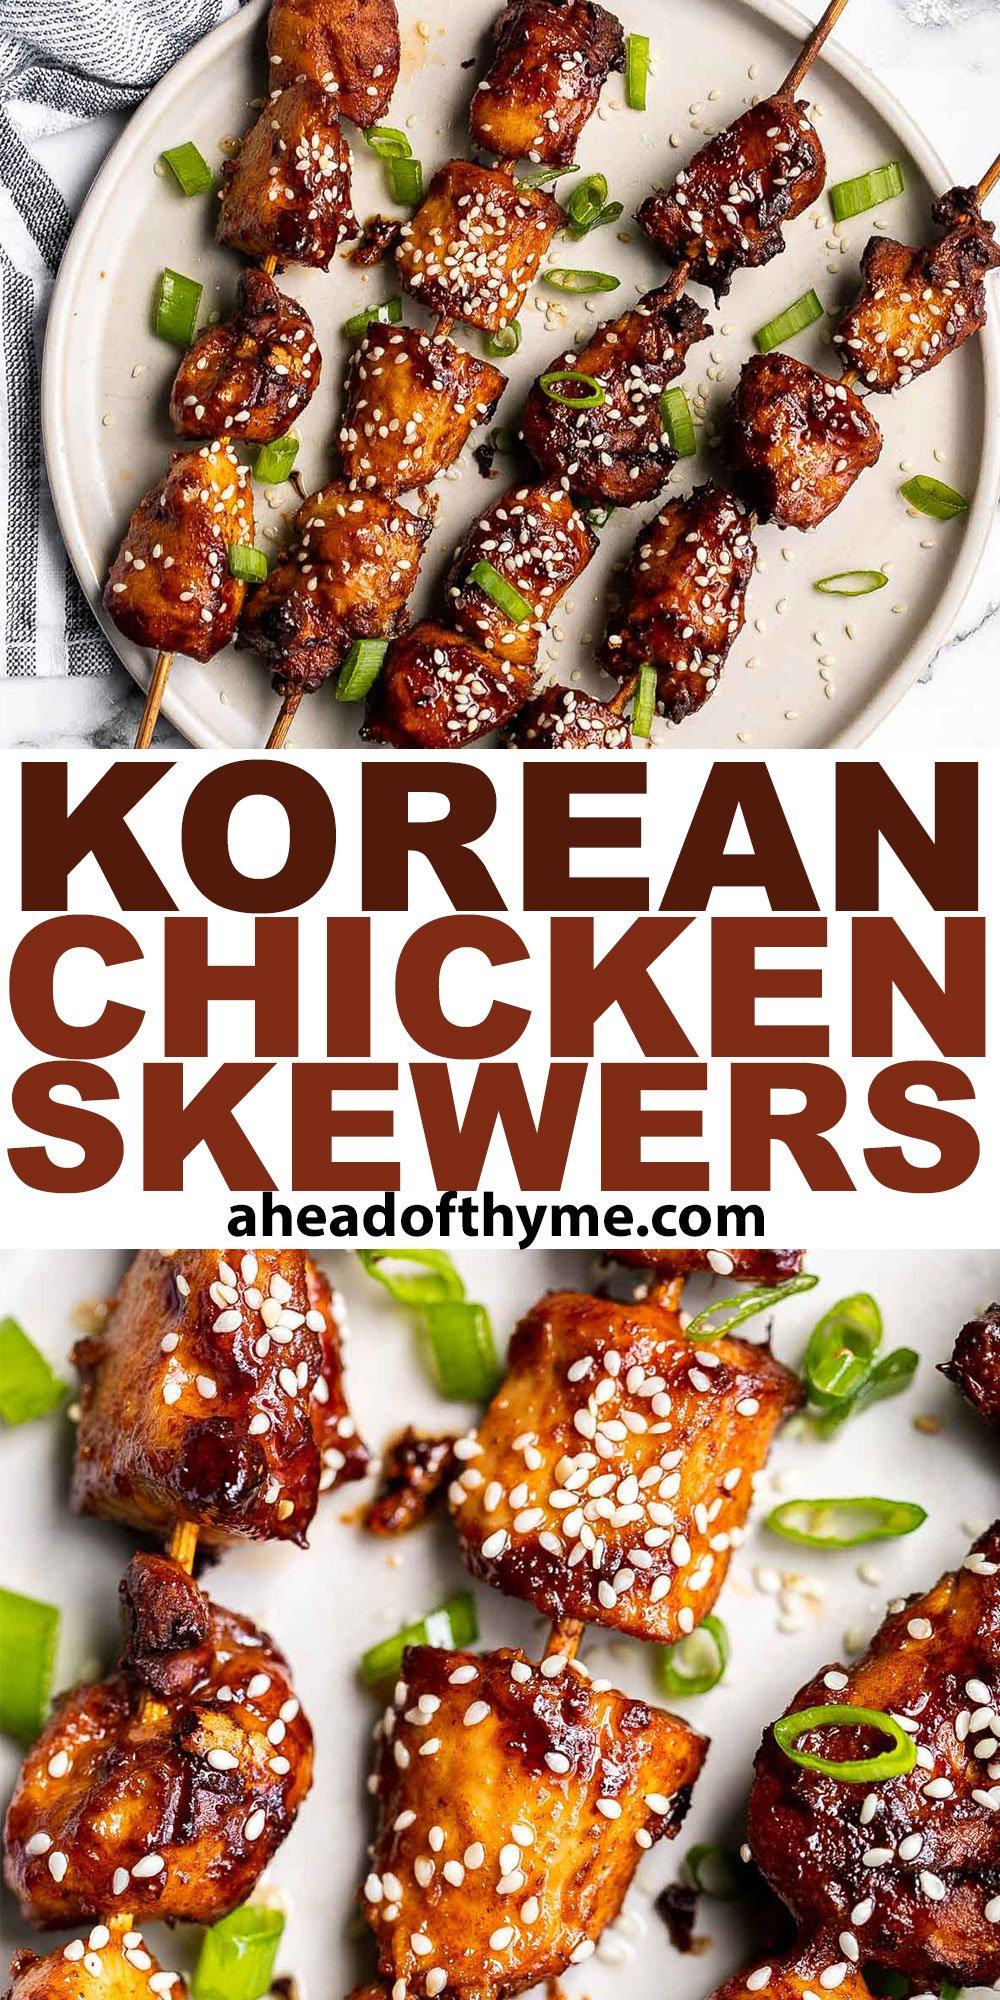 Korean Chicken Skewers